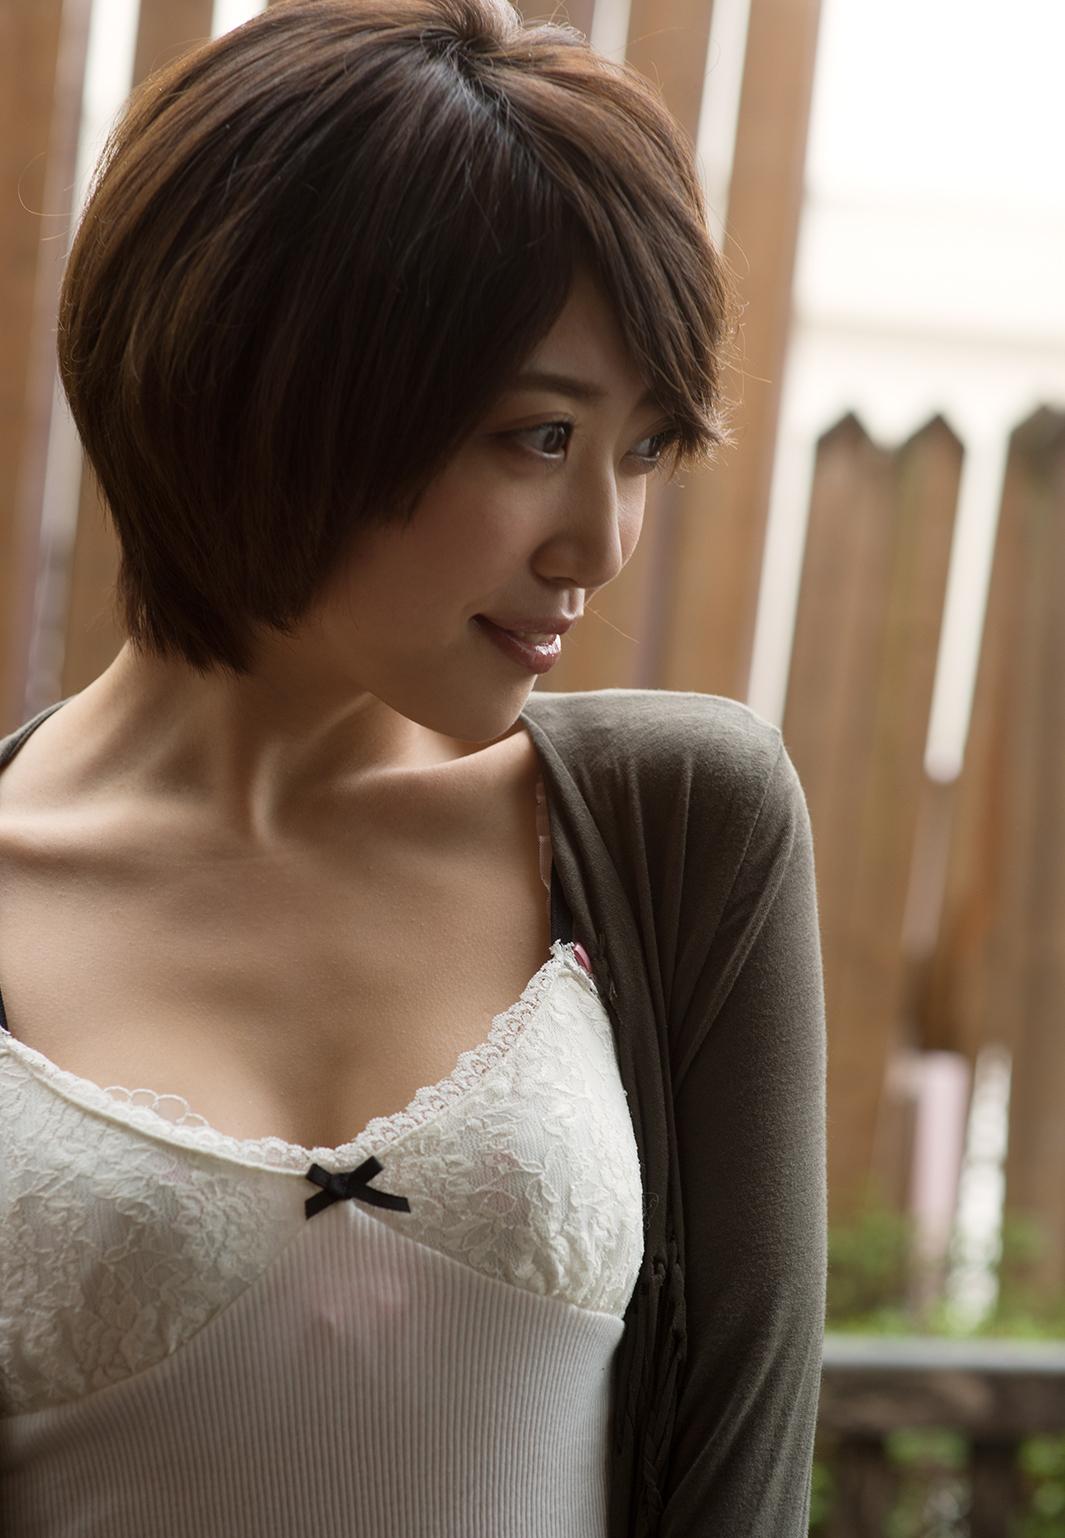 優希まこと 画像 5